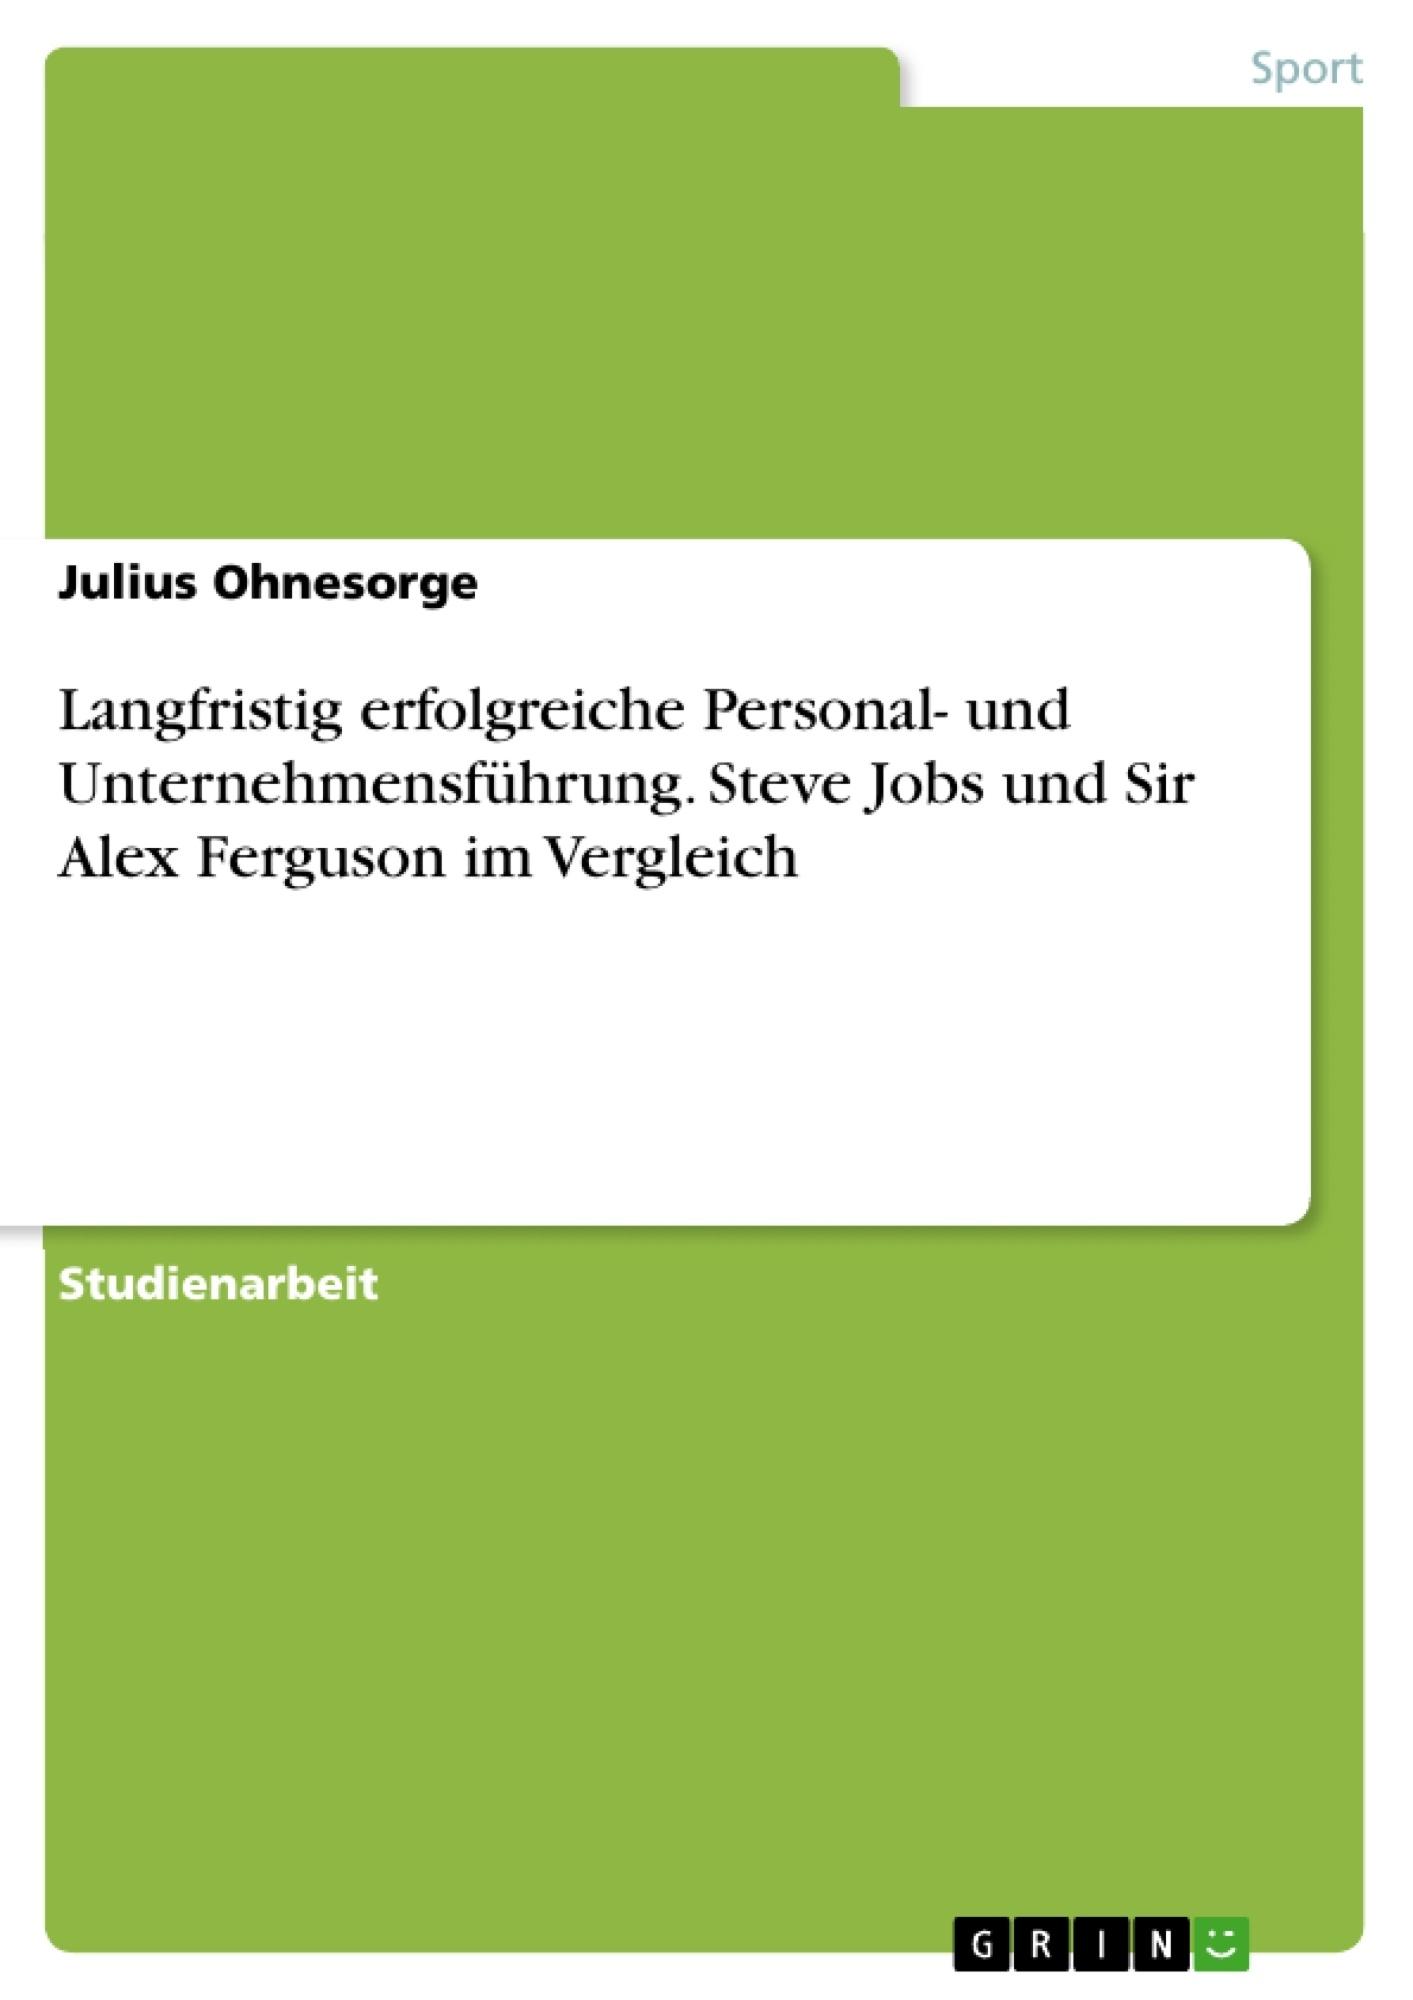 Titel: Langfristig erfolgreiche Personal- und Unternehmensführung. Steve Jobs und Sir Alex Ferguson im Vergleich